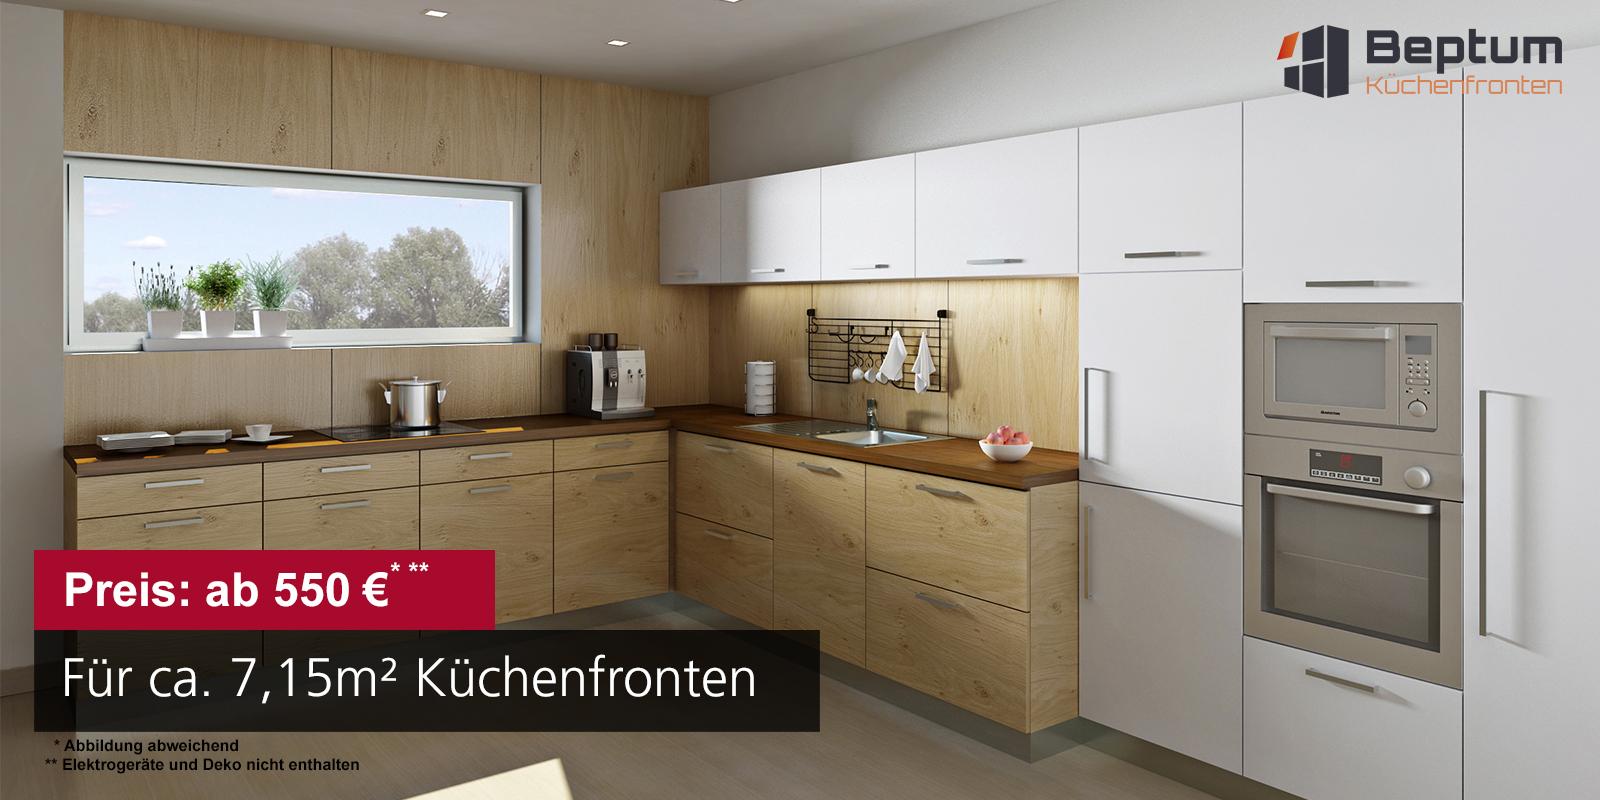 beautiful k chenfront neu beschichten photos design ideas 2018. Black Bedroom Furniture Sets. Home Design Ideas